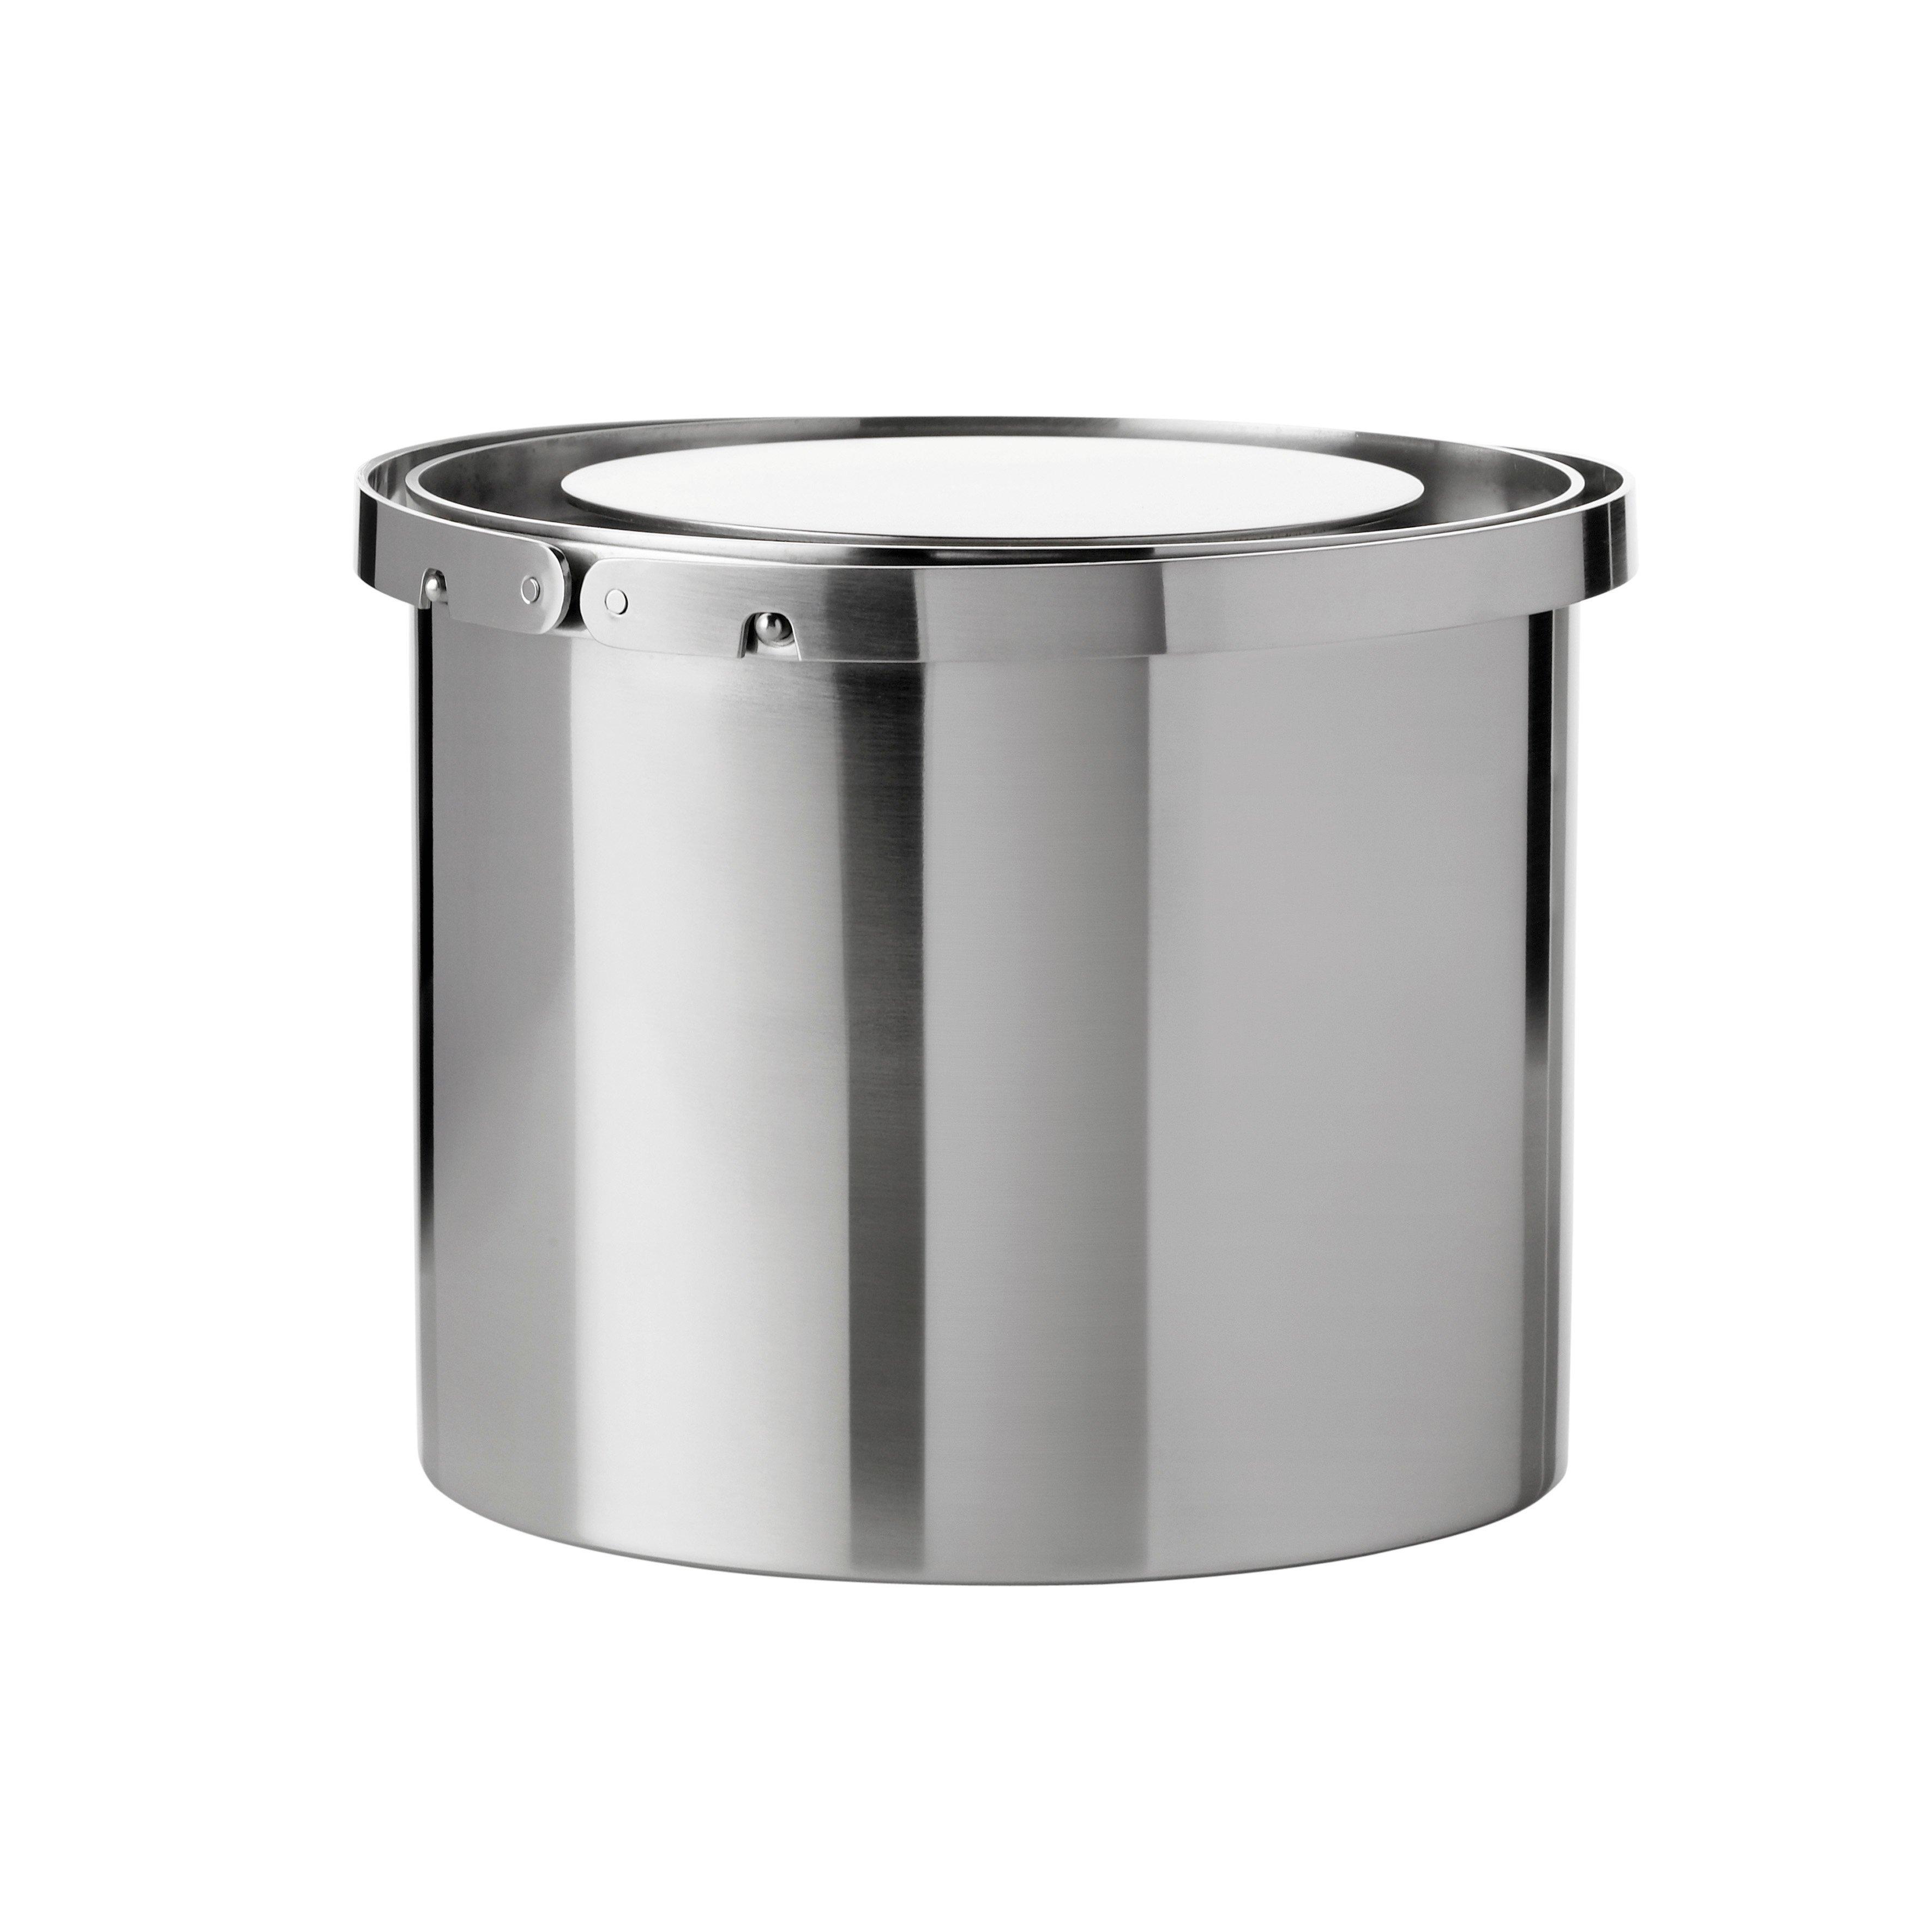 Stelton - AJ Ice Bucket 1 L (05-1)